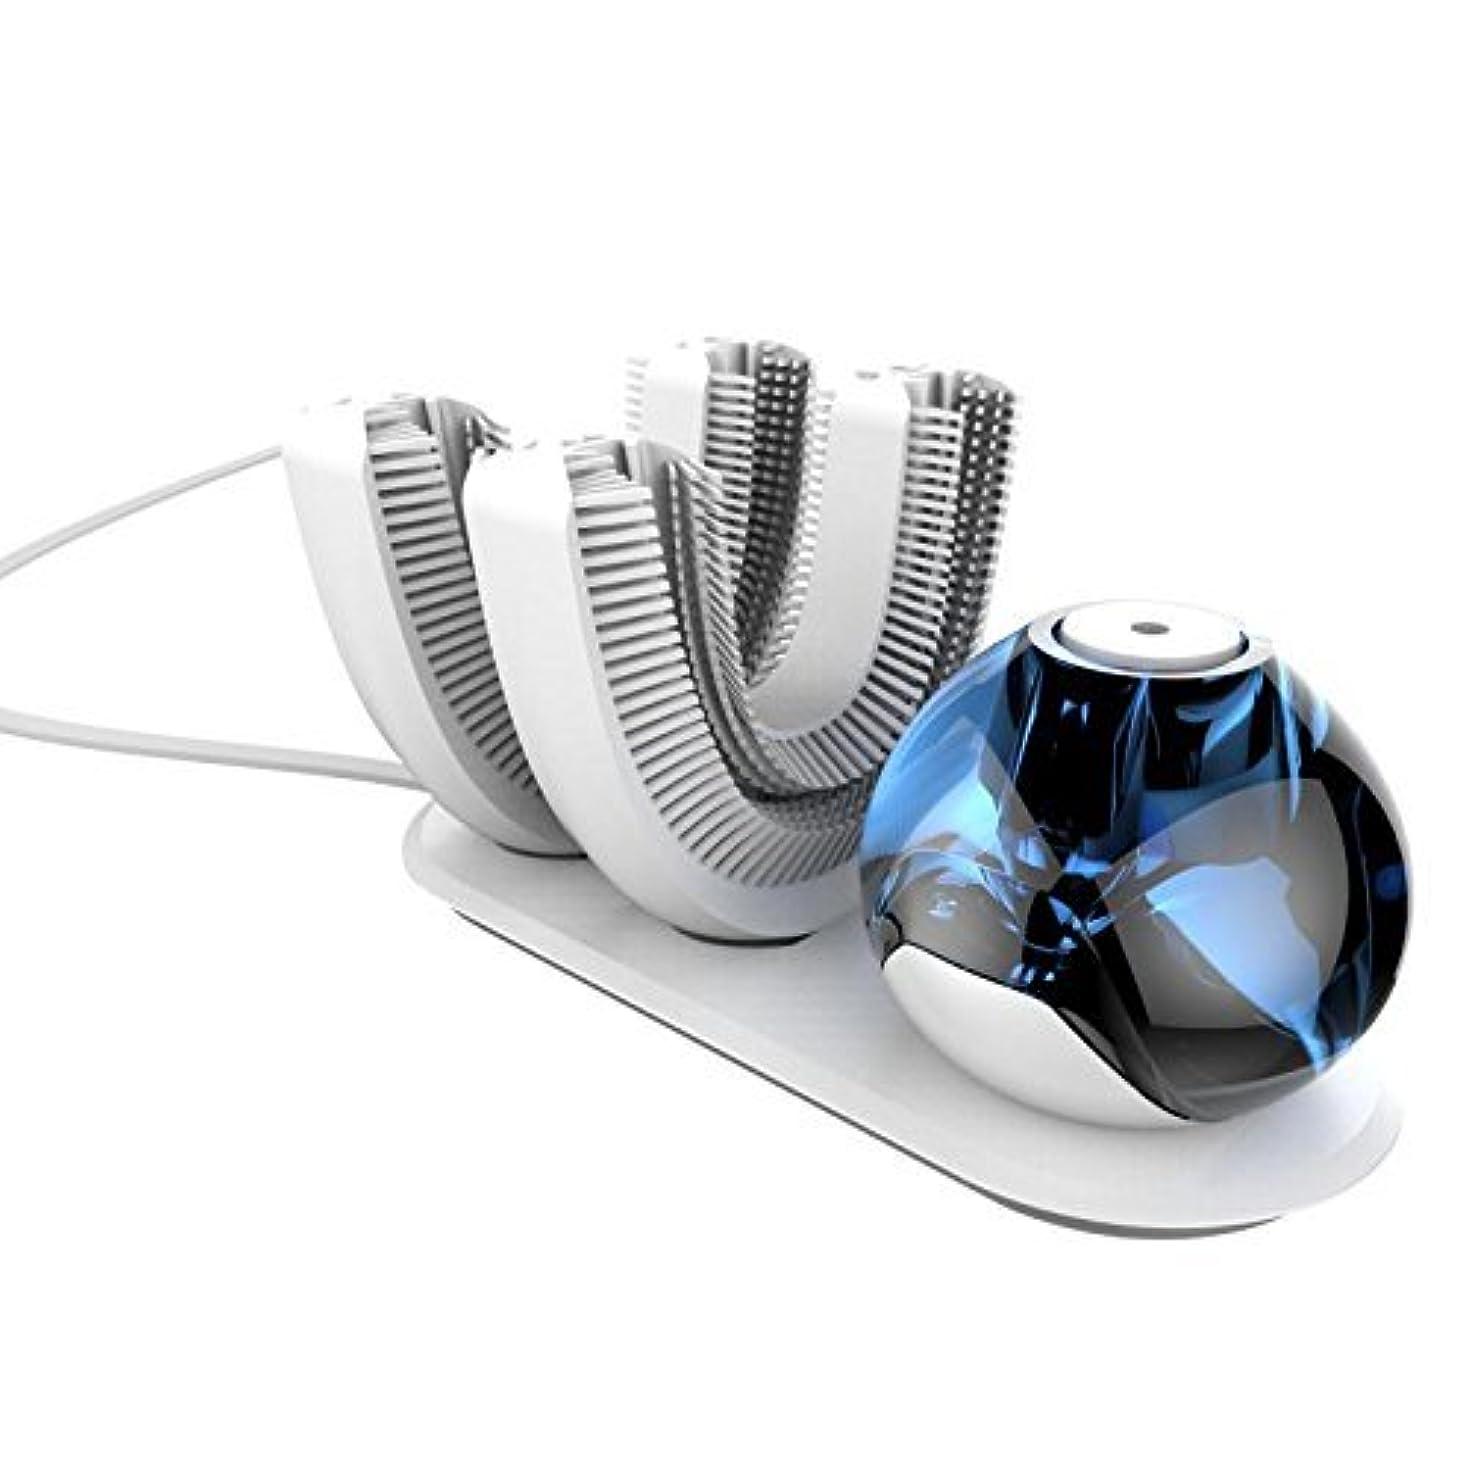 アレンジ獣放射能怠け者牙刷-電動 U型 超音波 専門370°全方位 自動歯ブラシ ワイヤレス充電 成人 怠け者 ユニークなU字型のマウスピース わずか10秒で歯磨き 自動バブル 2本の歯ブラシヘッド付き あなたの手を解放 磁気吸引接続 (ダークブルー)